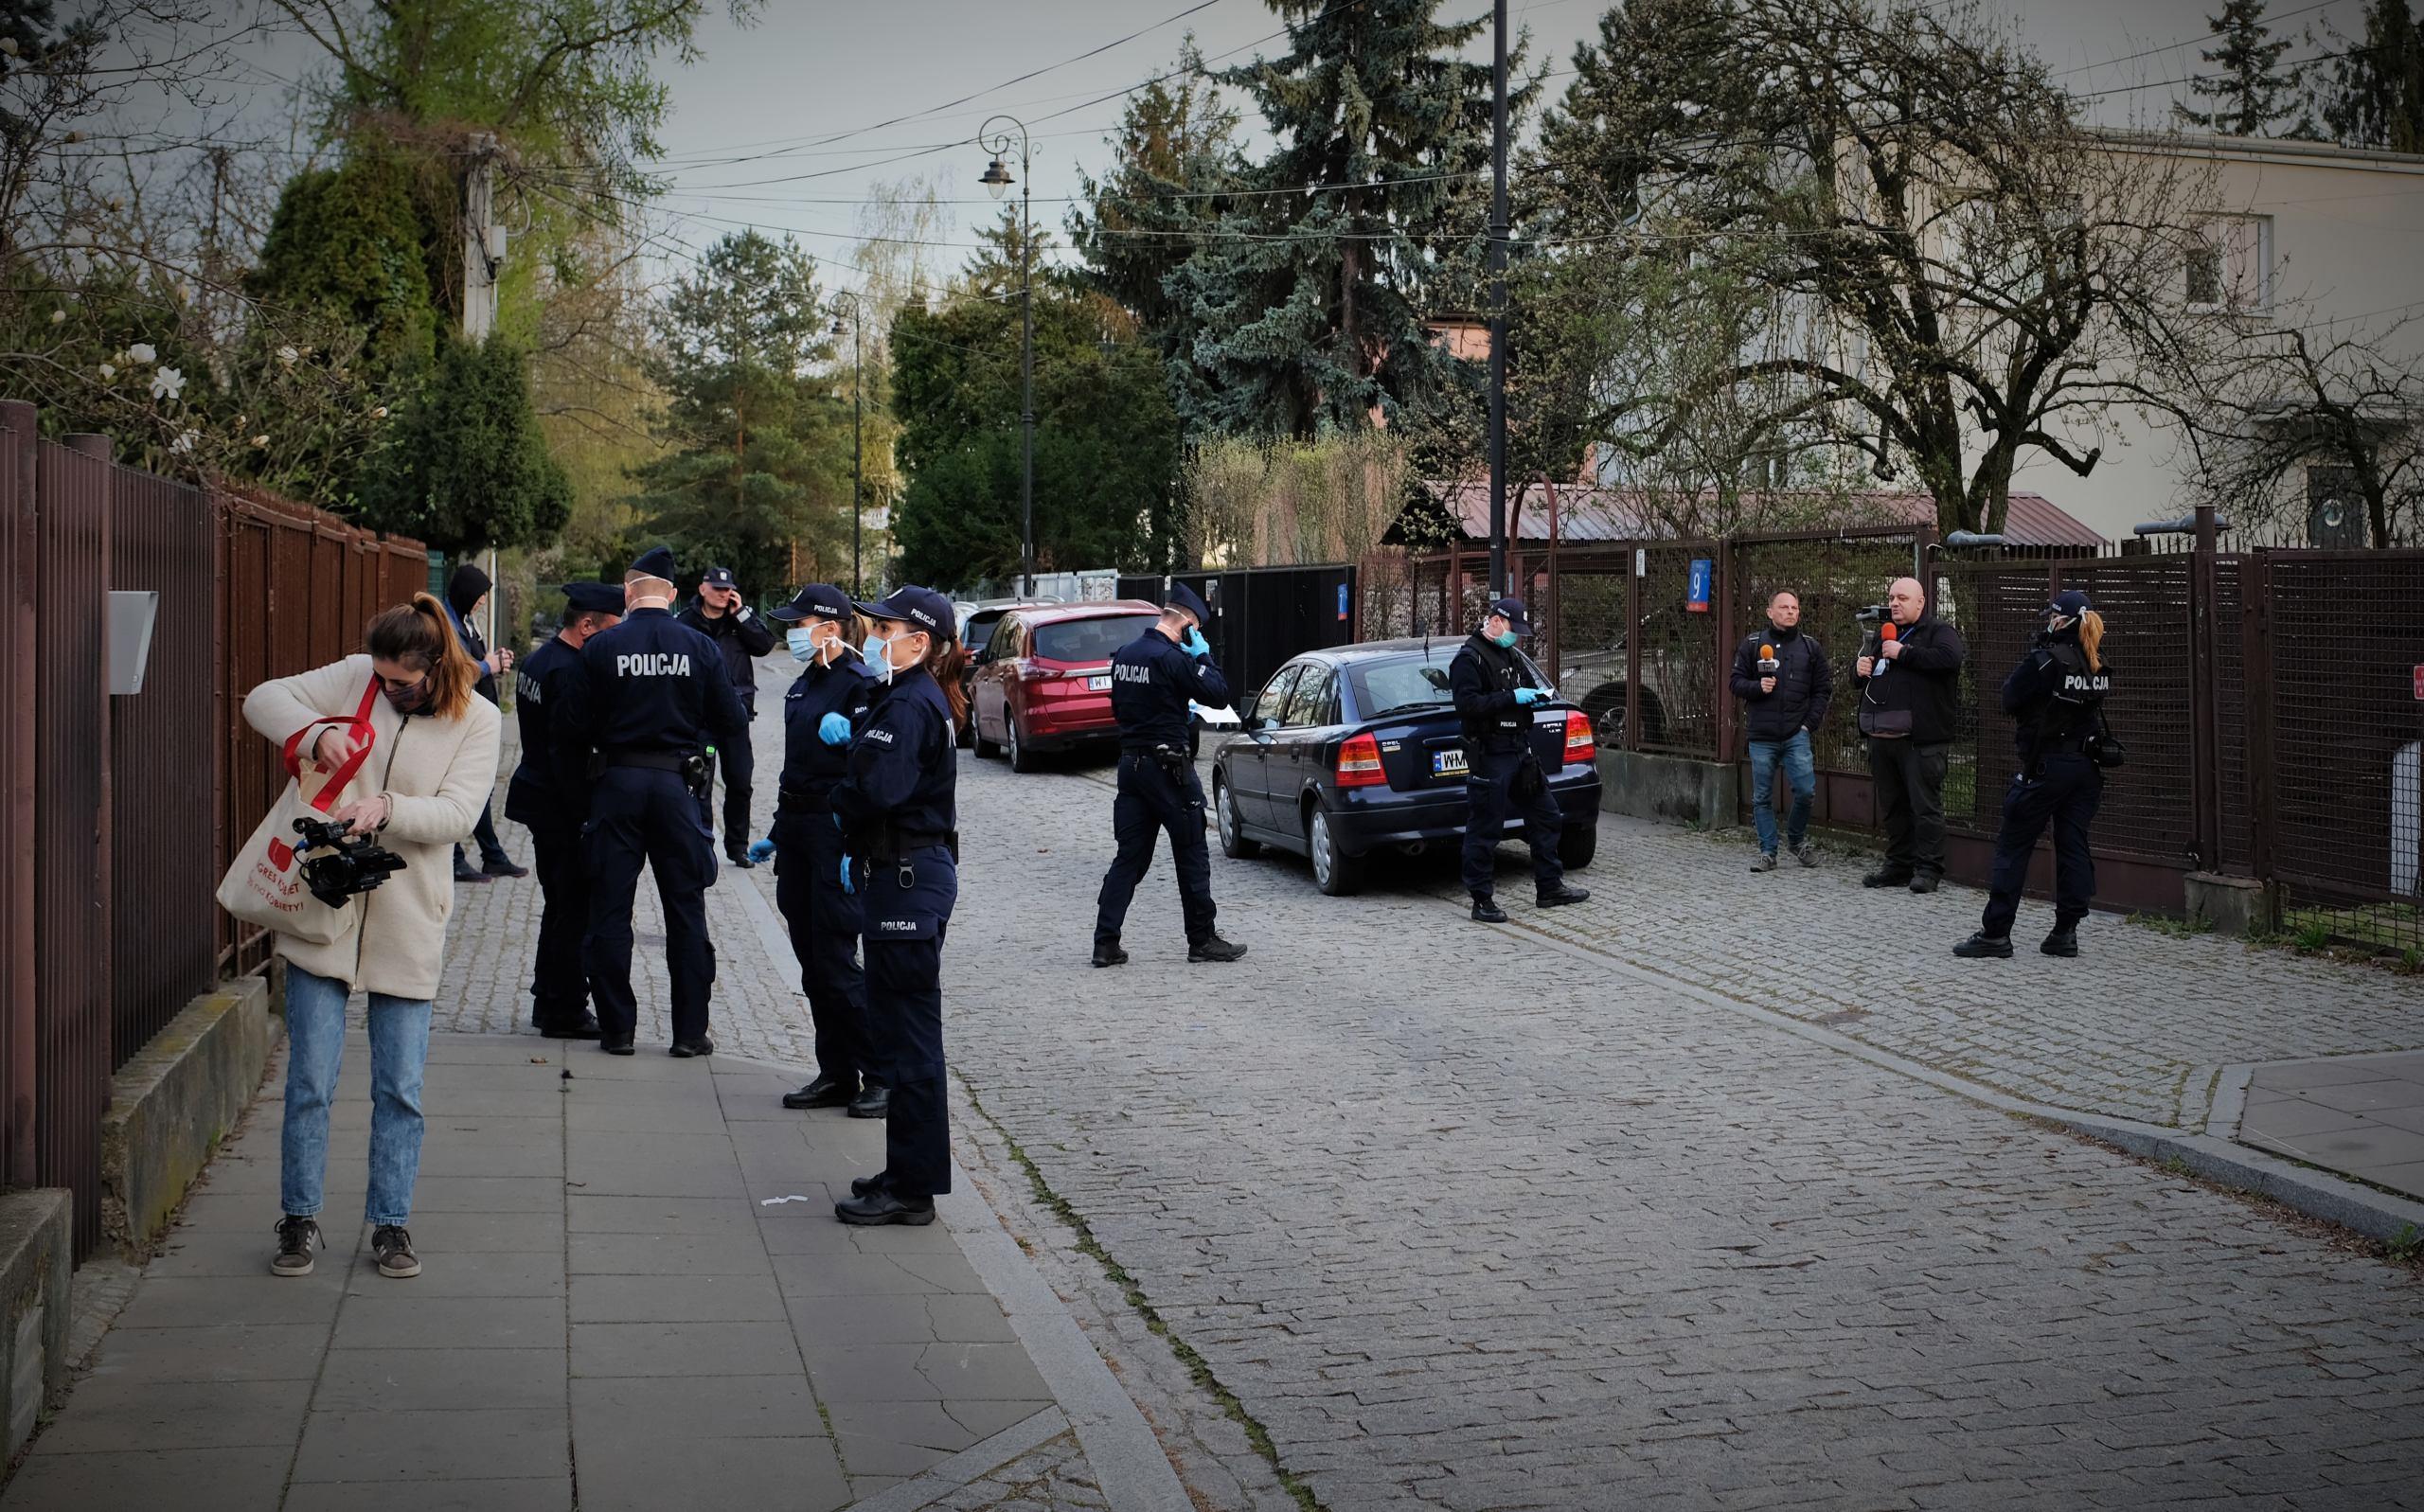 Policja chce ukarać grzywną operatorkę OKO.press za to, że 10 kwietnia była z kamerą przed domem Jarosława Kaczyńskiego. To szykana prawna - uważa prawnik Fundacji Helsińskiej.